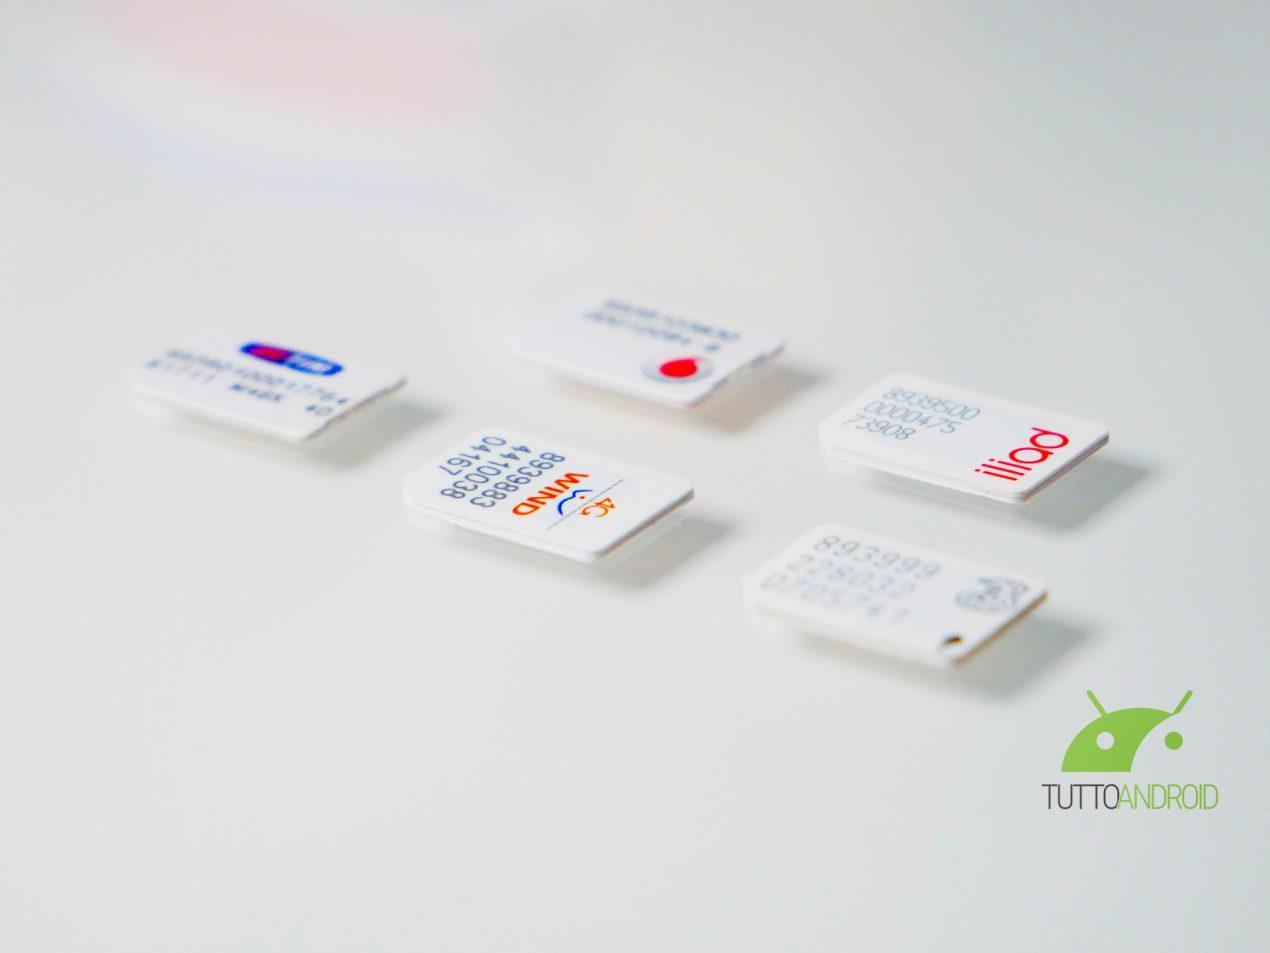 Migliori offerte telefoniche di Vodafone Iliad TIM Wind e Tre